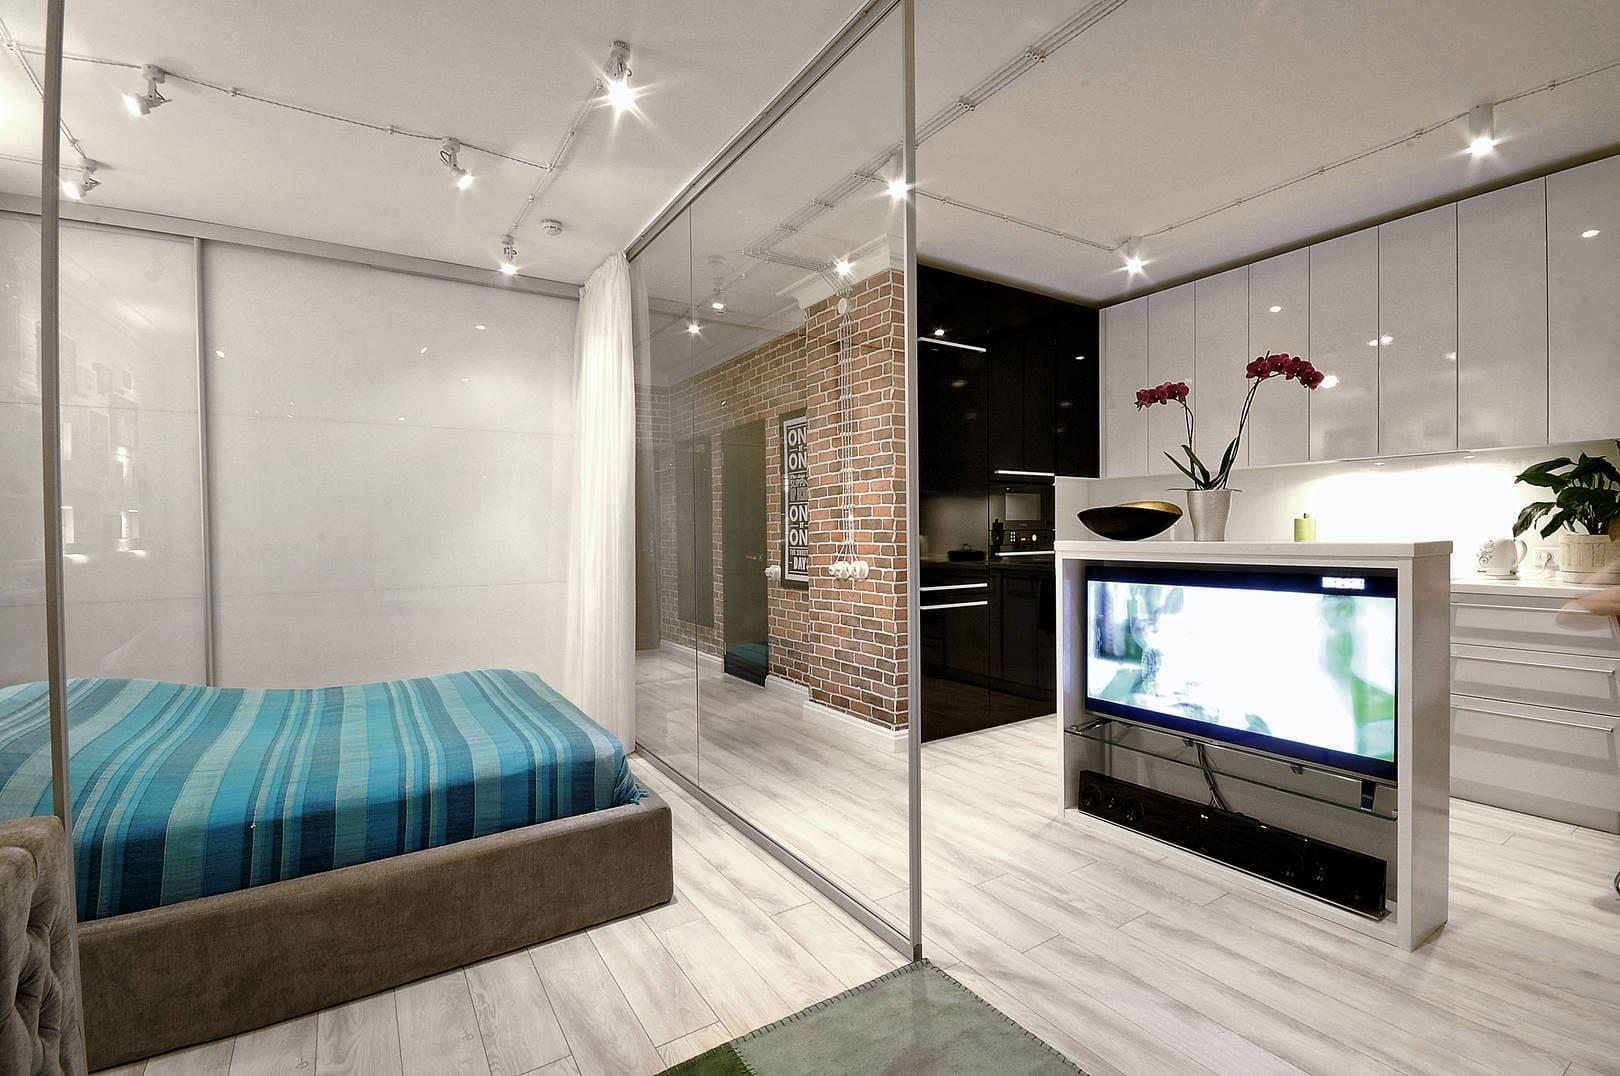 стеклянная перегородка в кухне-спальне